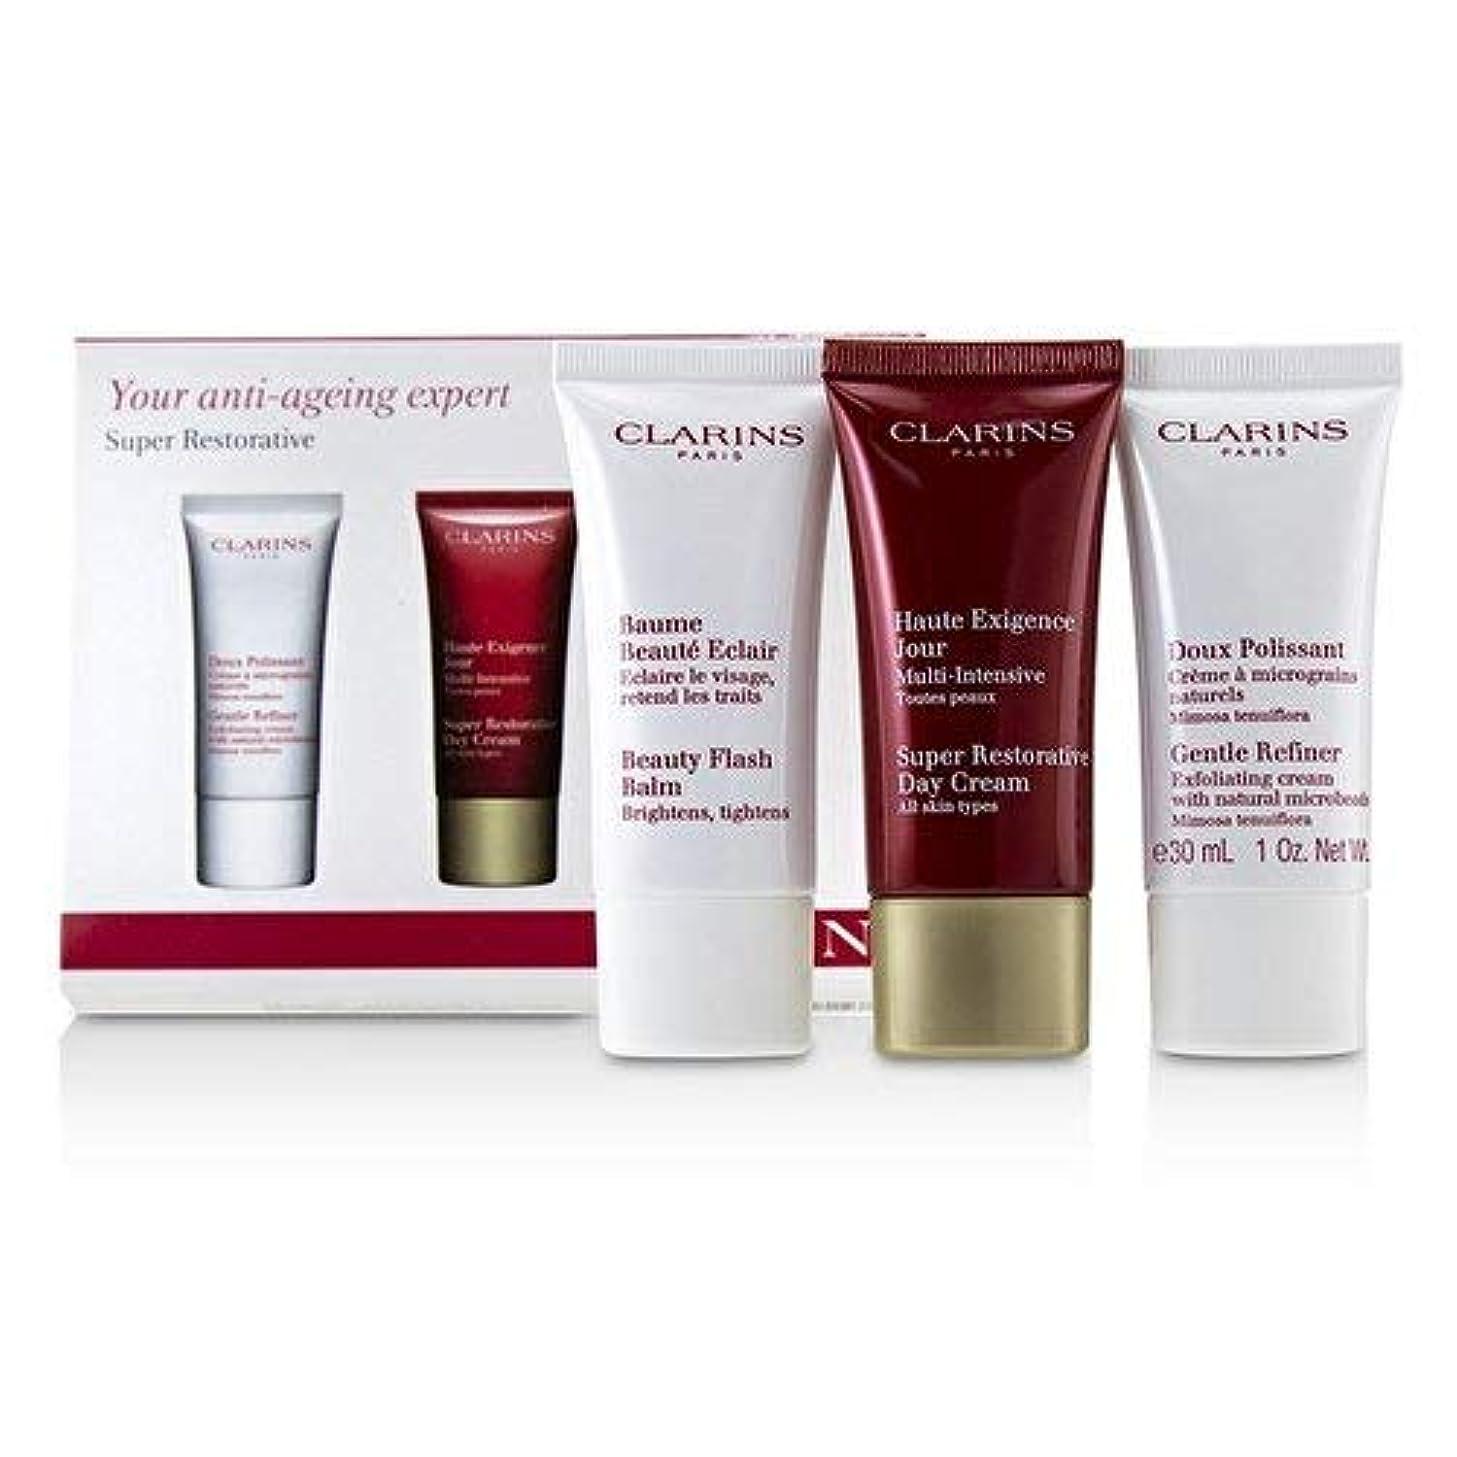 先史時代の眠いです汚物クラランス Super Restorative 50+ Anti-Ageing Skincare Set: Gentle Refiner 30ml+Super Restorative Day Cream 30ml+Beauty Flash Balm 30ml 3pcs並行輸入品